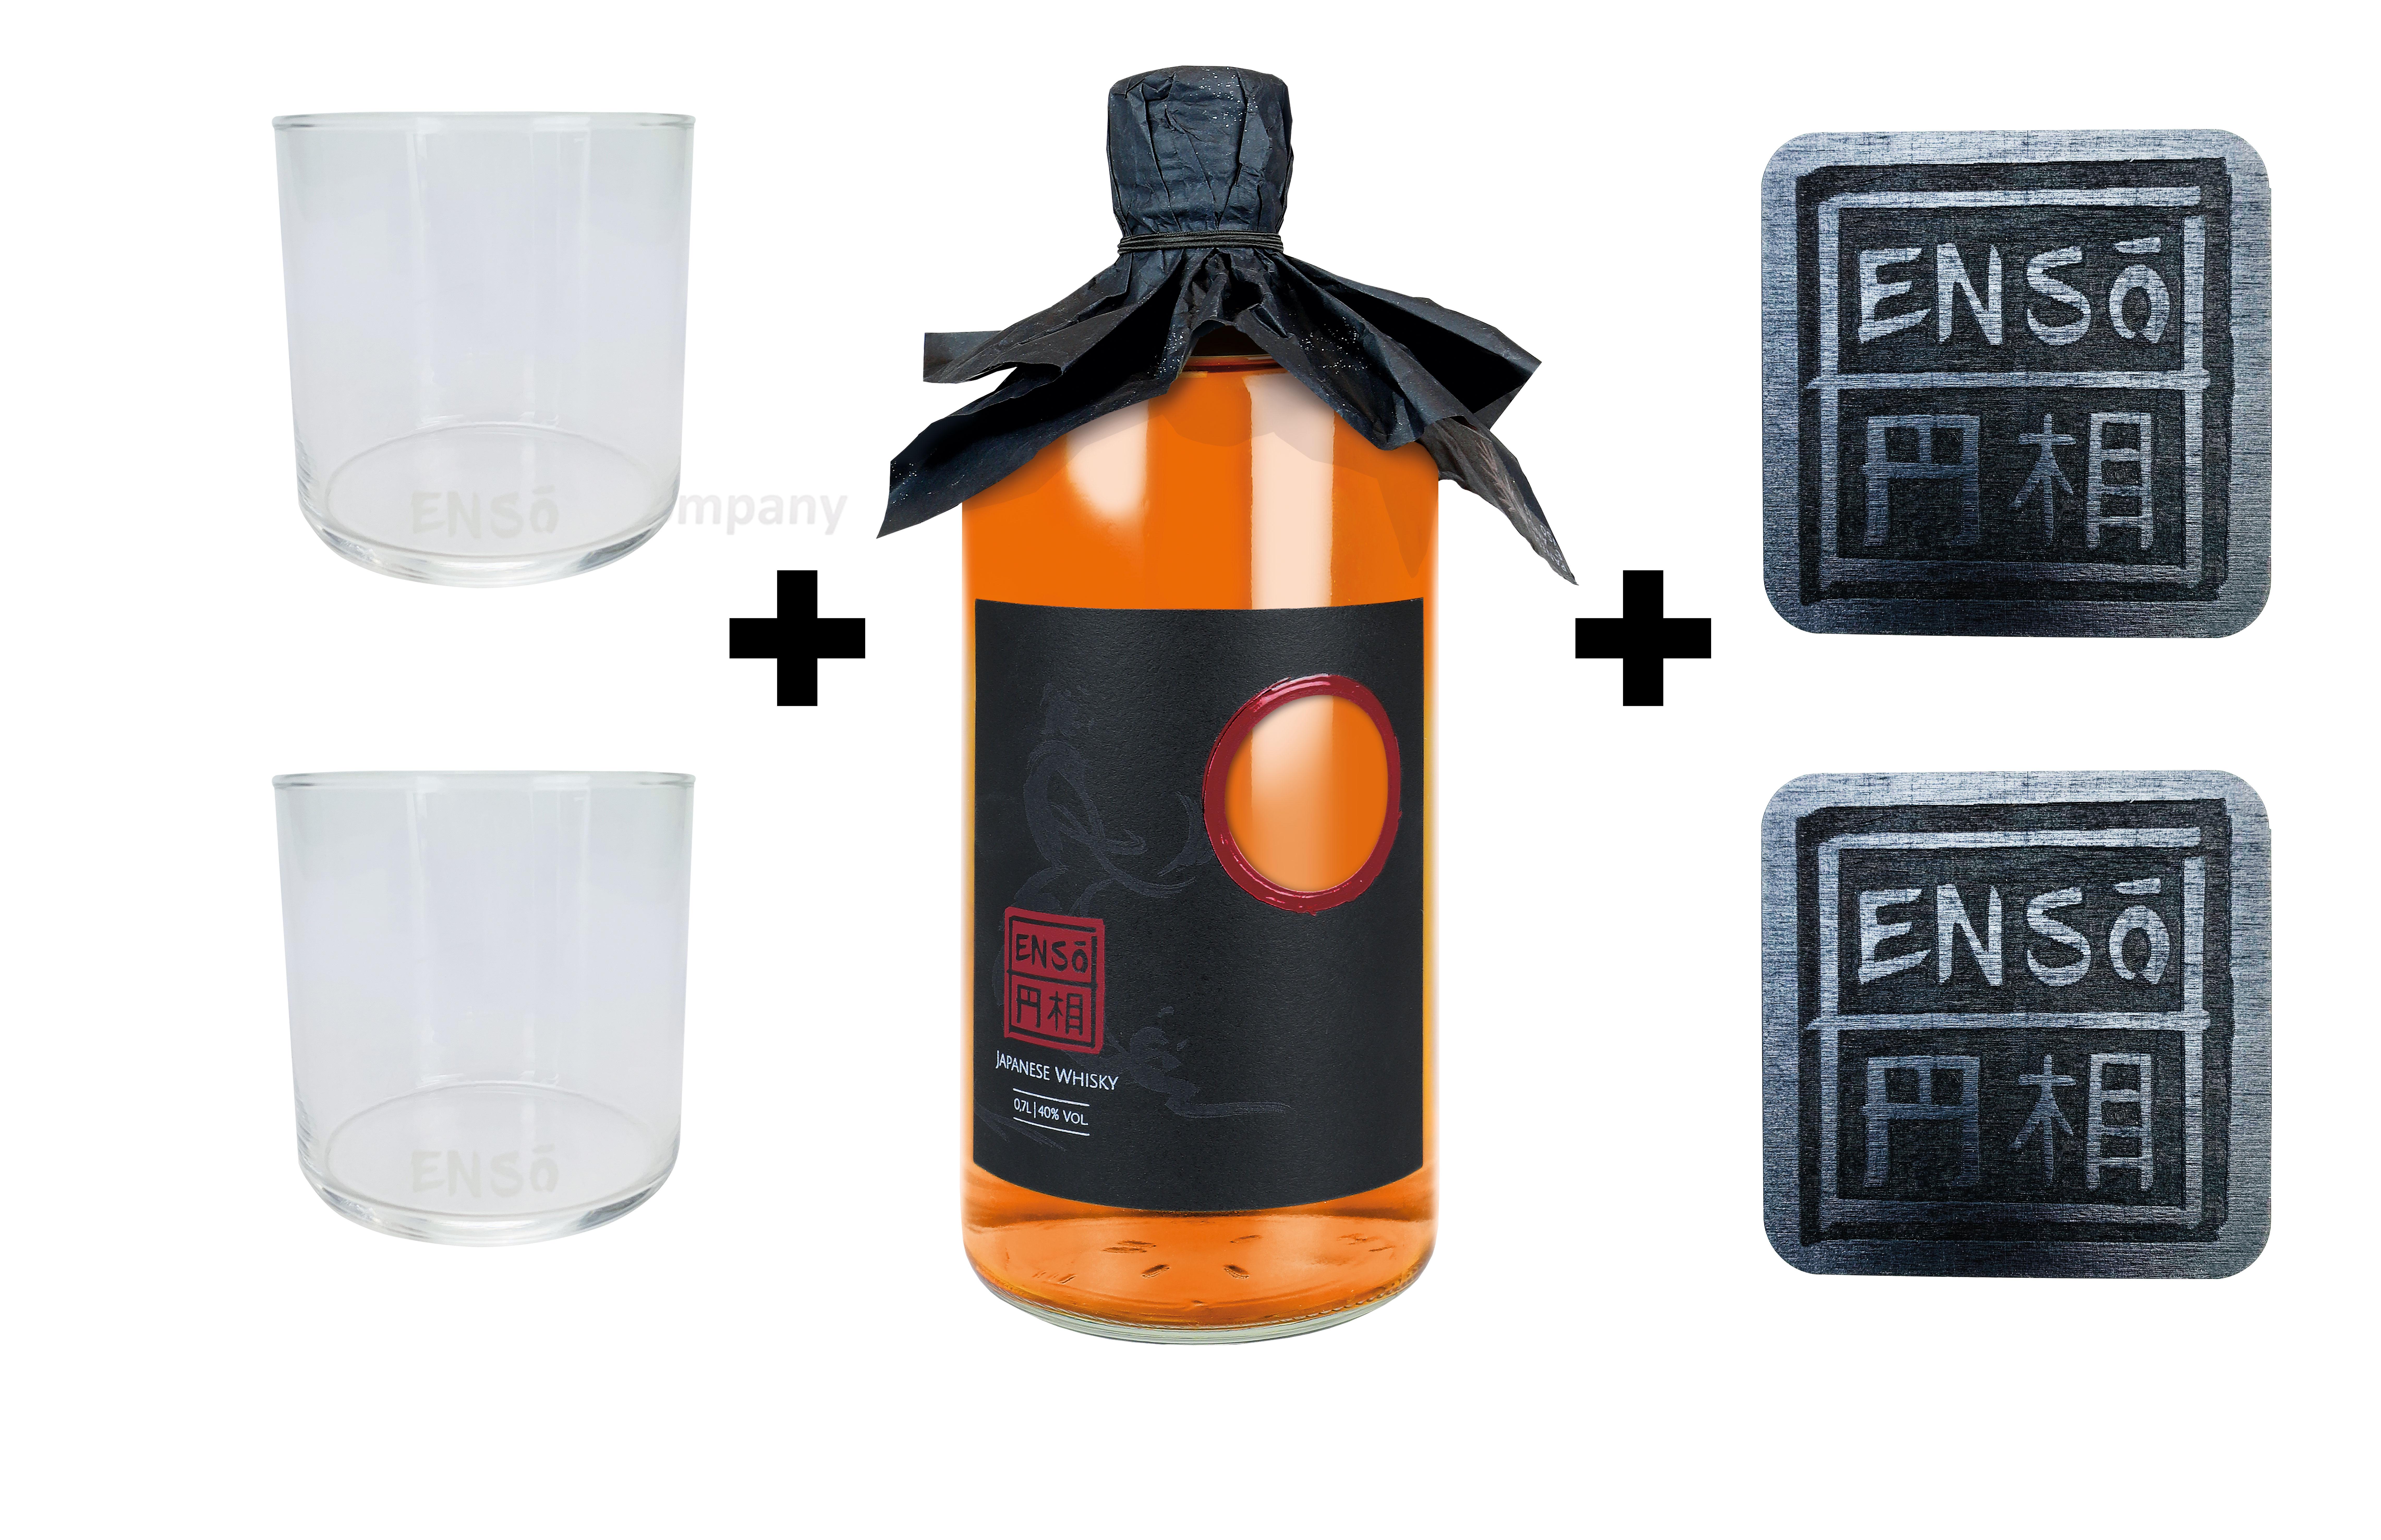 Enso Pot Still Blend Whisky 0,7l (40% Vol) + 2 Tumbler + 2 Untersetzer japanischer Whiskey Glas Gläser Longdrinkglas Untersetzer - [Enthält Sulfite]